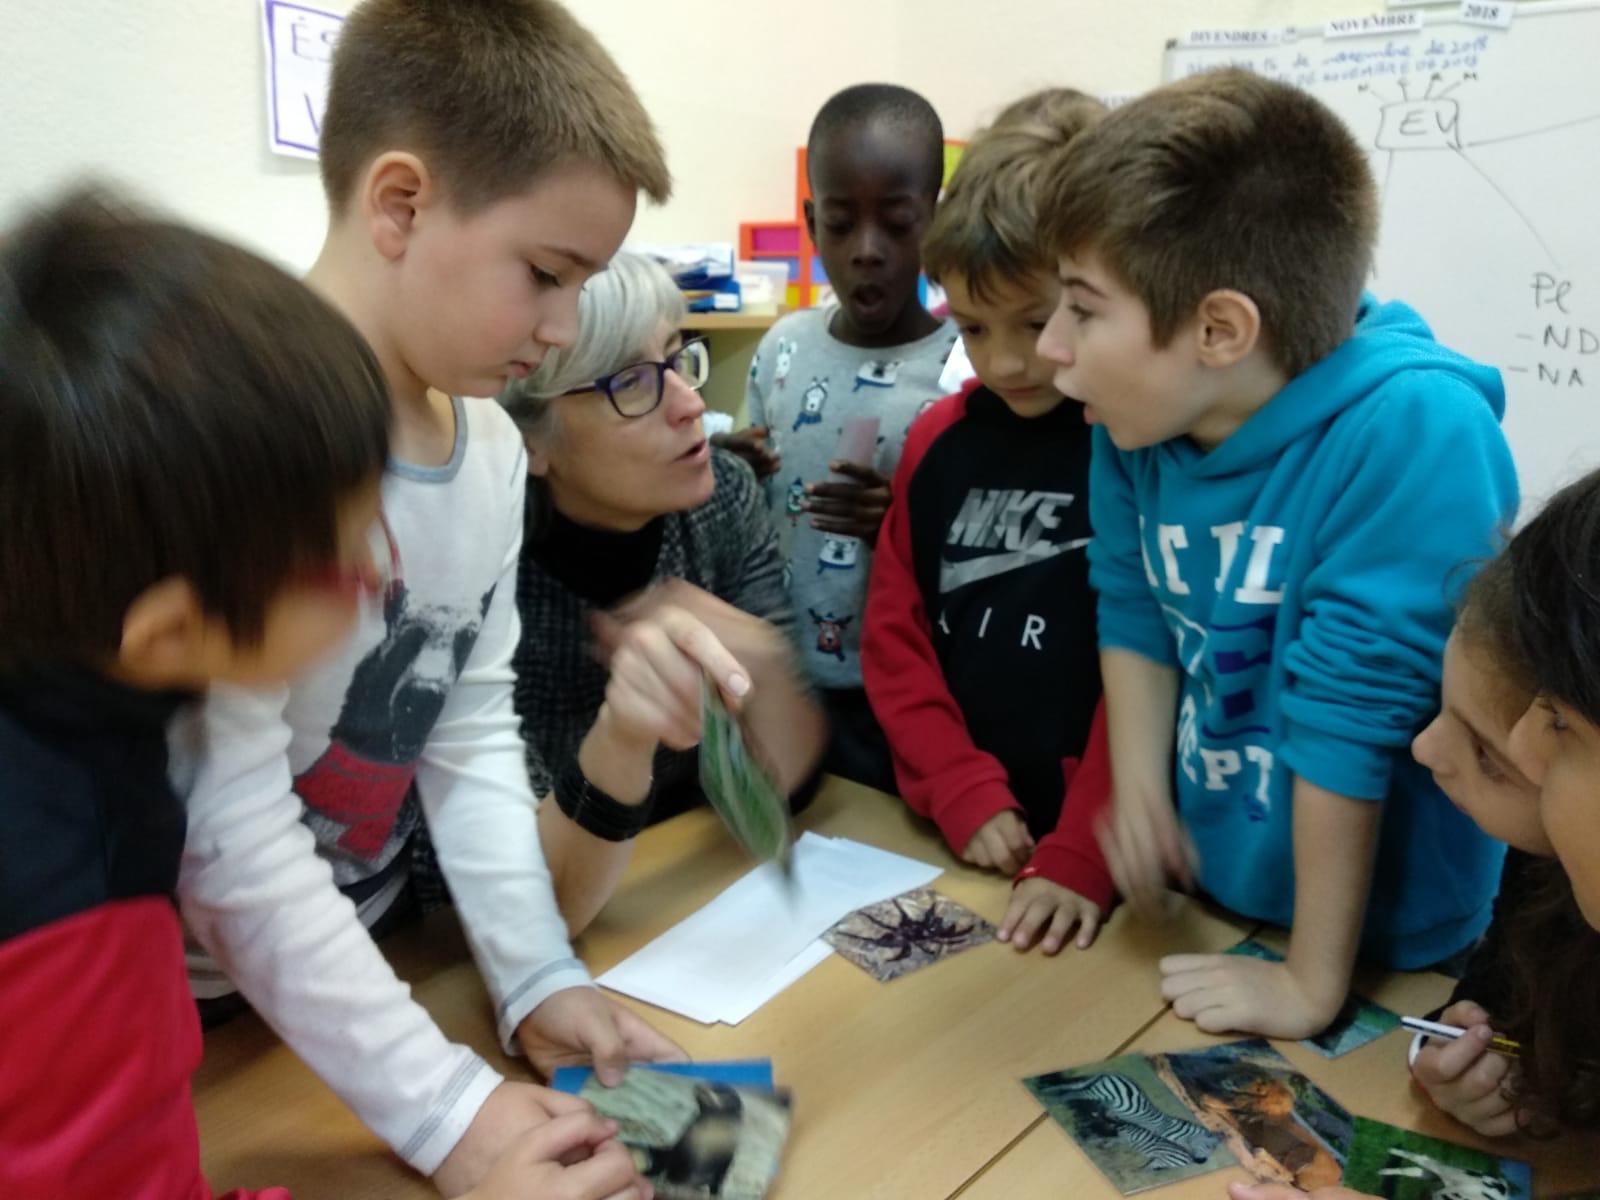 Las profesoras y profesores de ESO colaboran en algunas actividades de primaria. / Foto: Ángela Bransuela